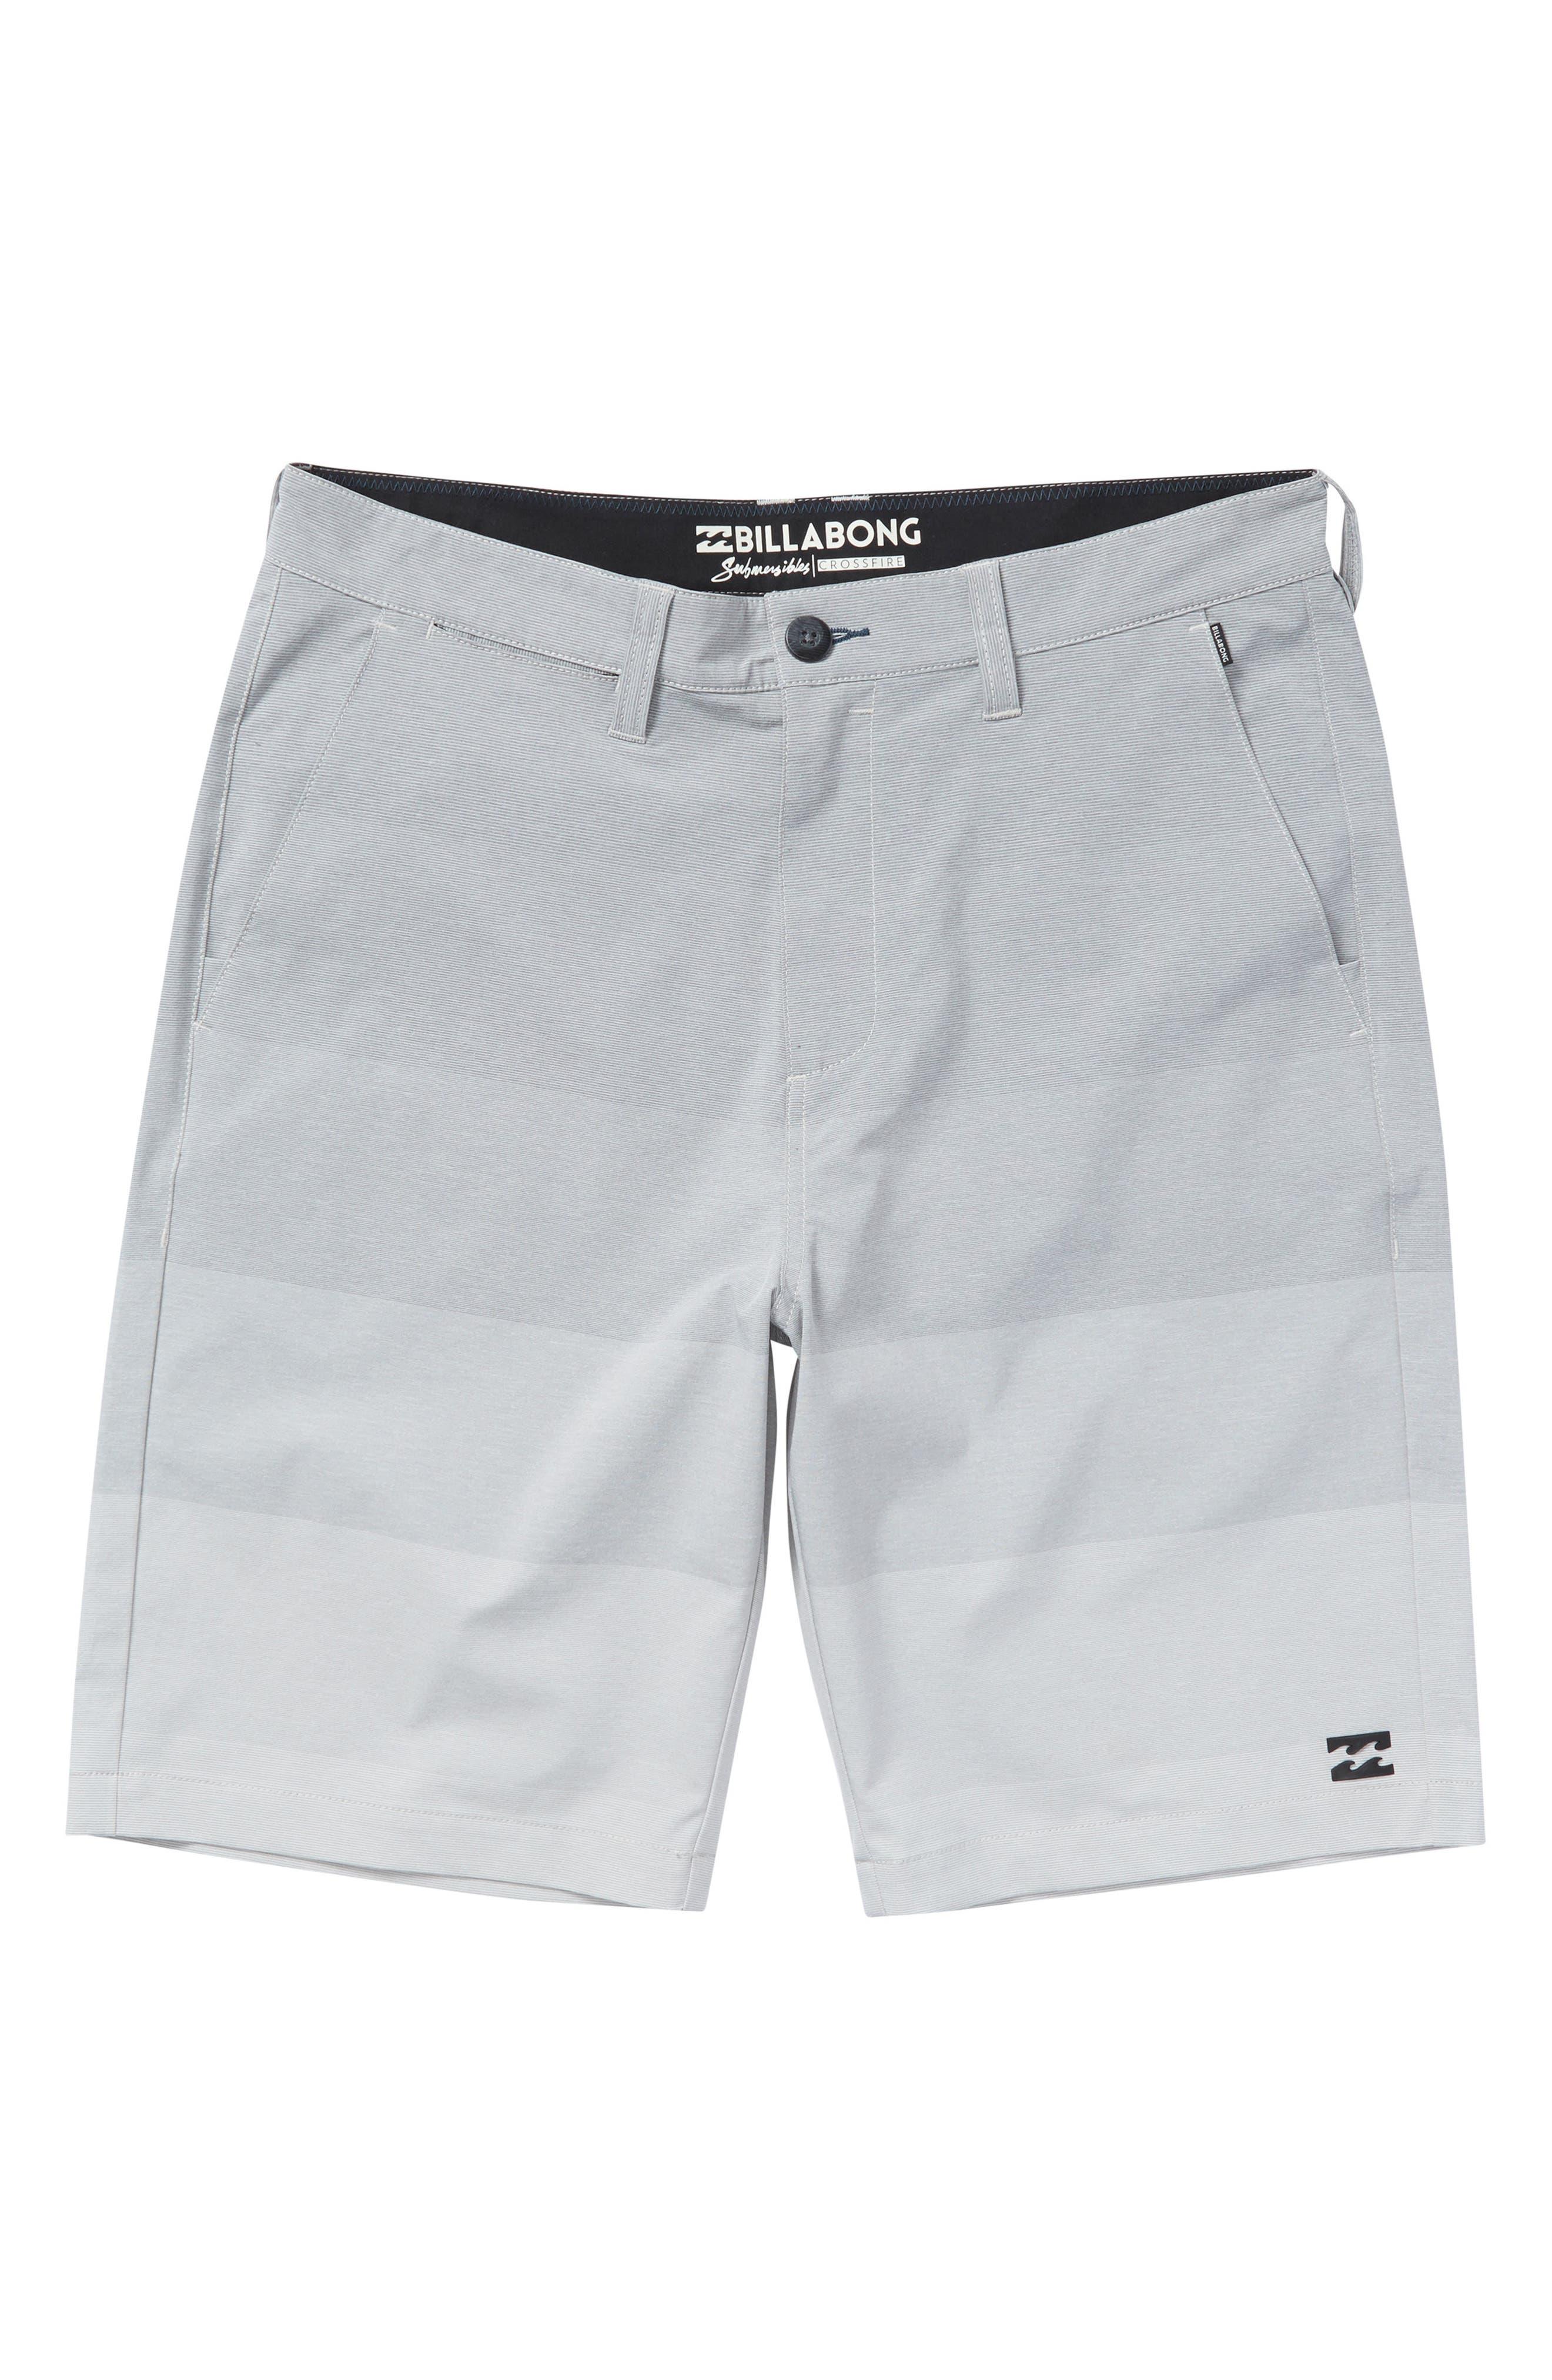 Crossfire X Faderade Hybrid Shorts,                             Main thumbnail 1, color,                             020